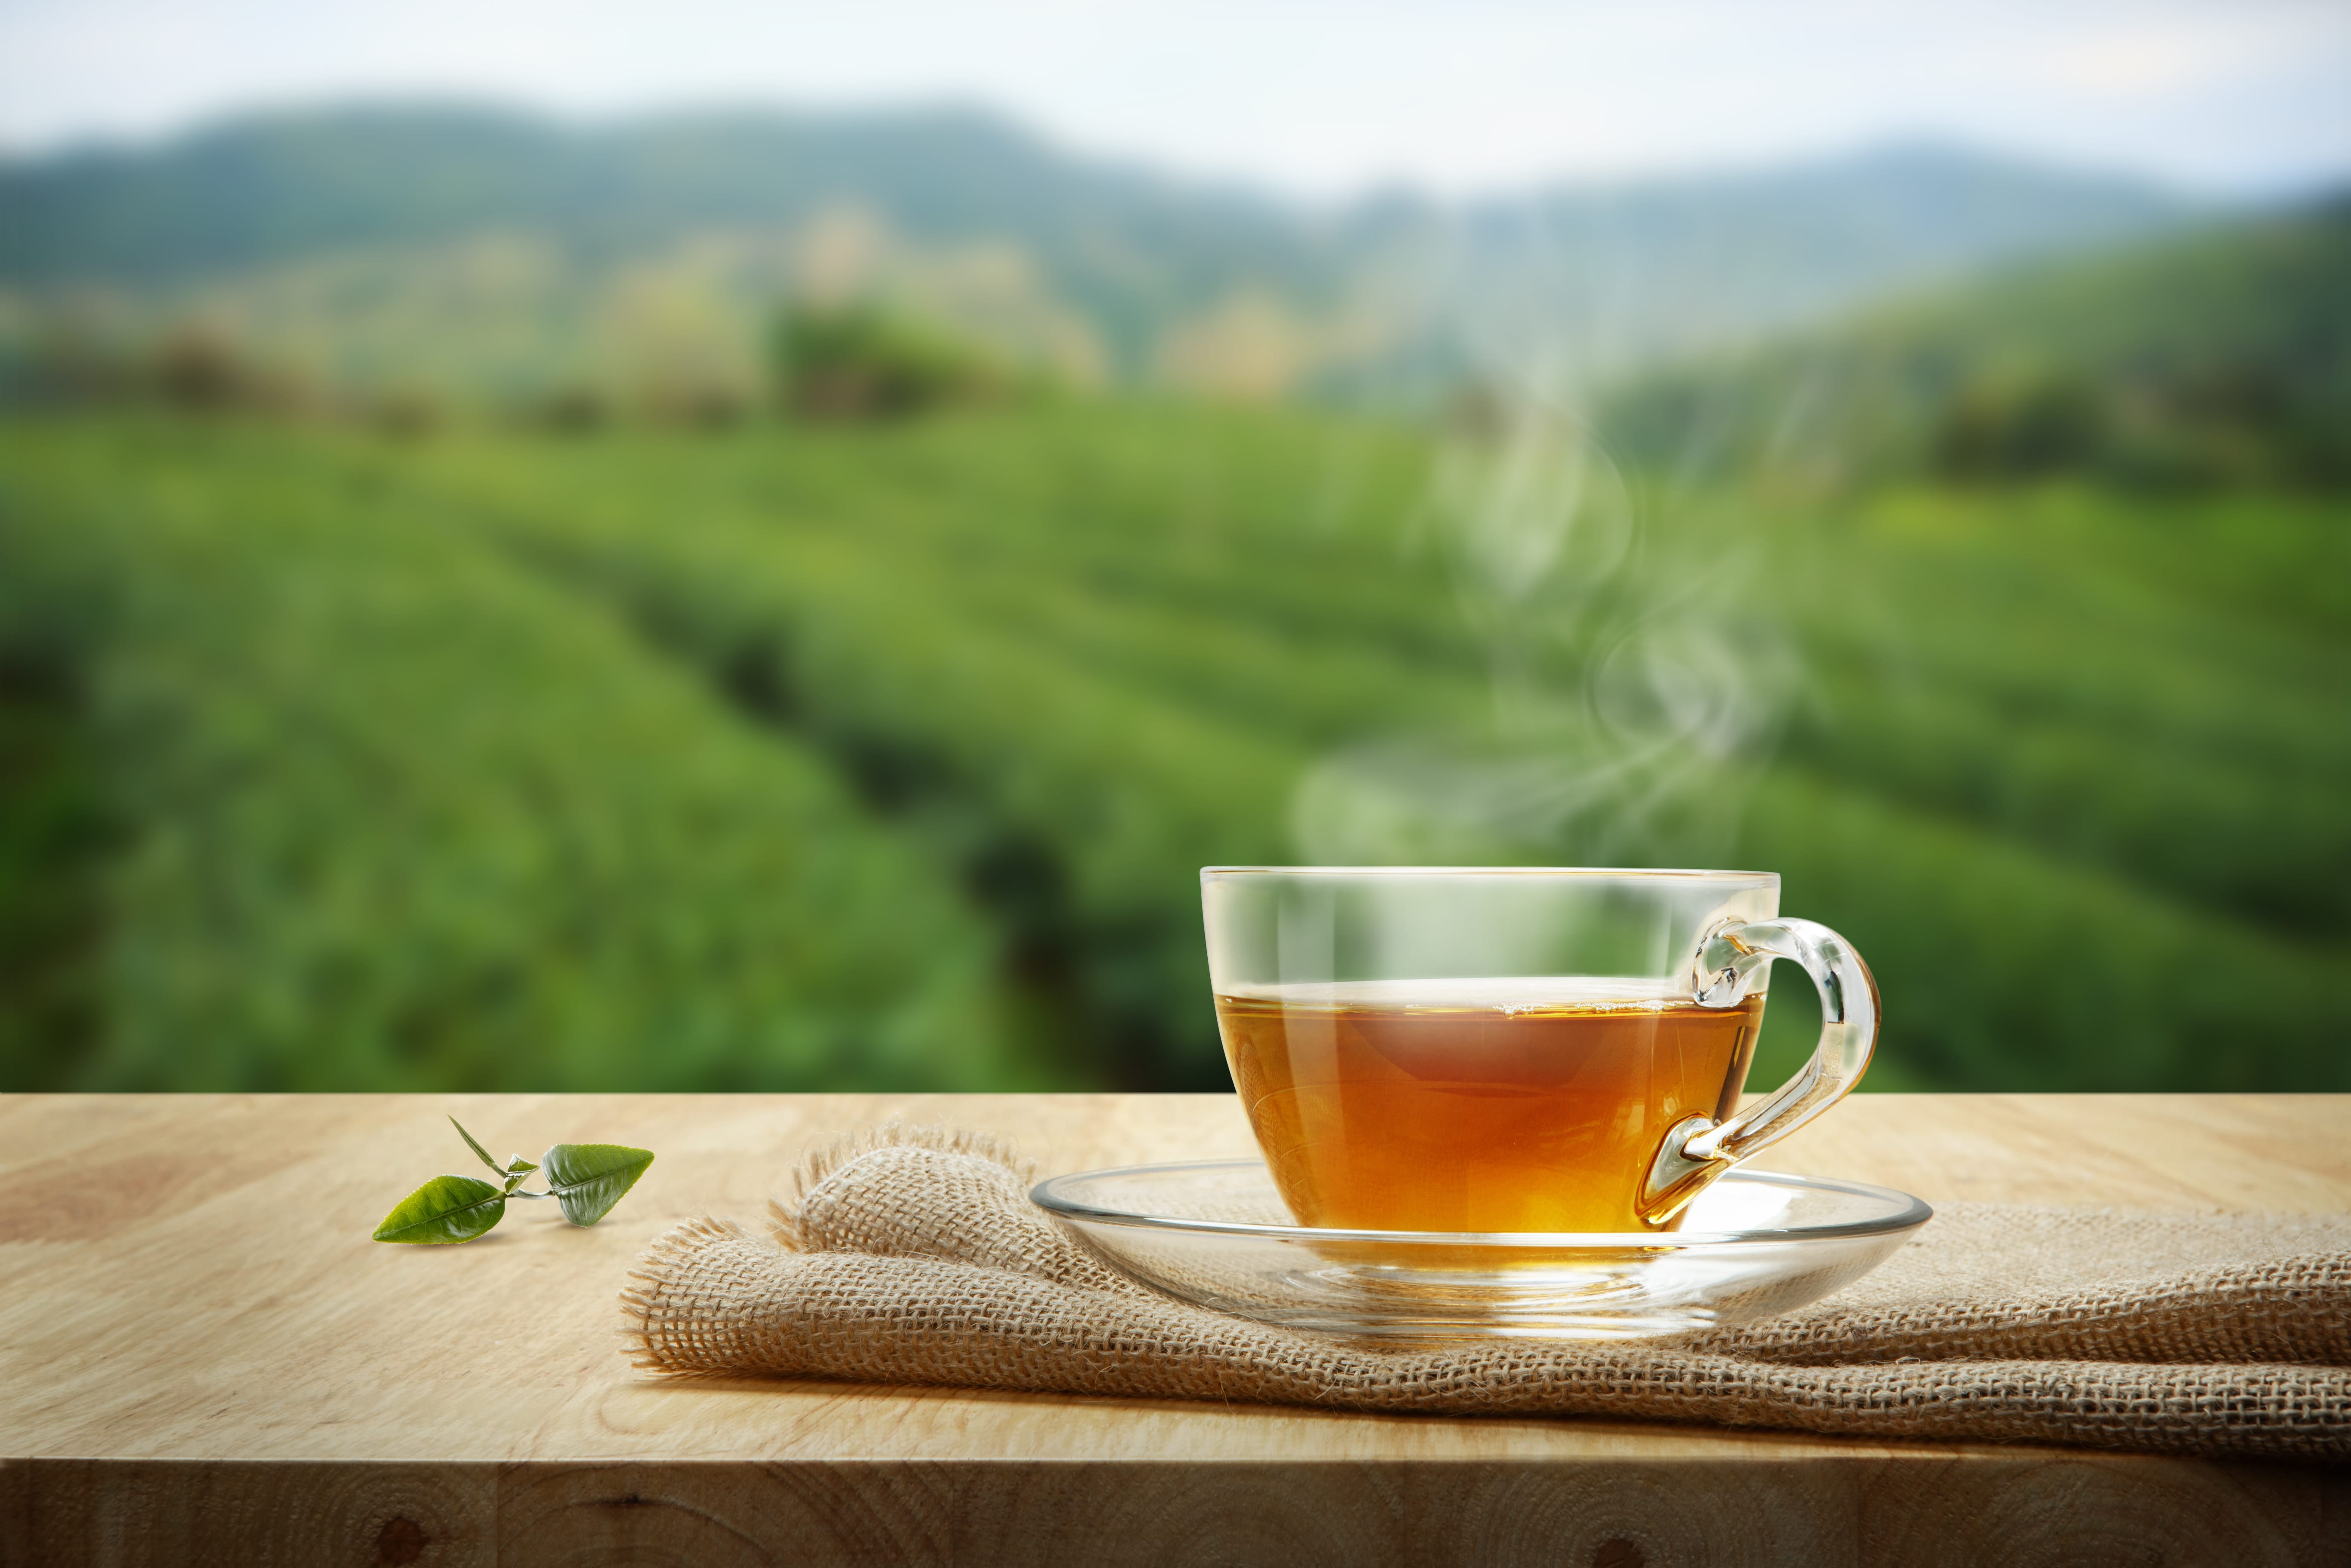 Green Tea ke Fayde, Green Tea Benefits in Hindi, Green Tea ke Fayde in Hindi